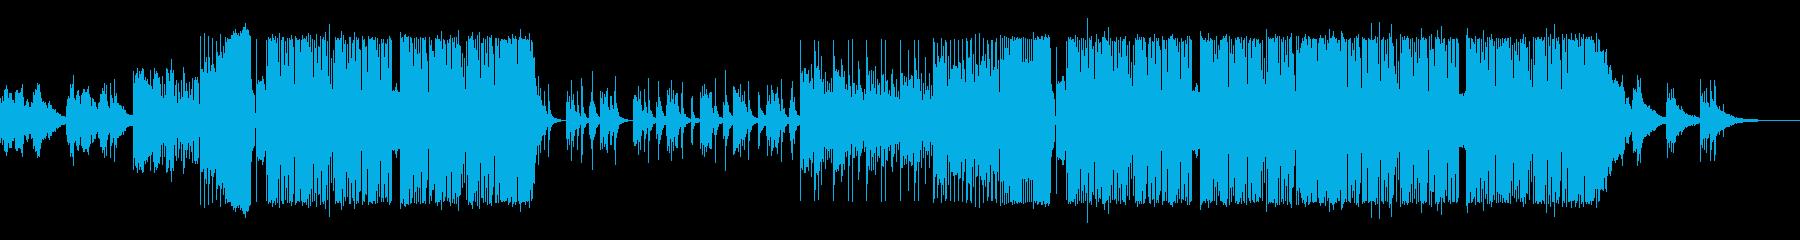 前向きで切ないFuture Bassの再生済みの波形